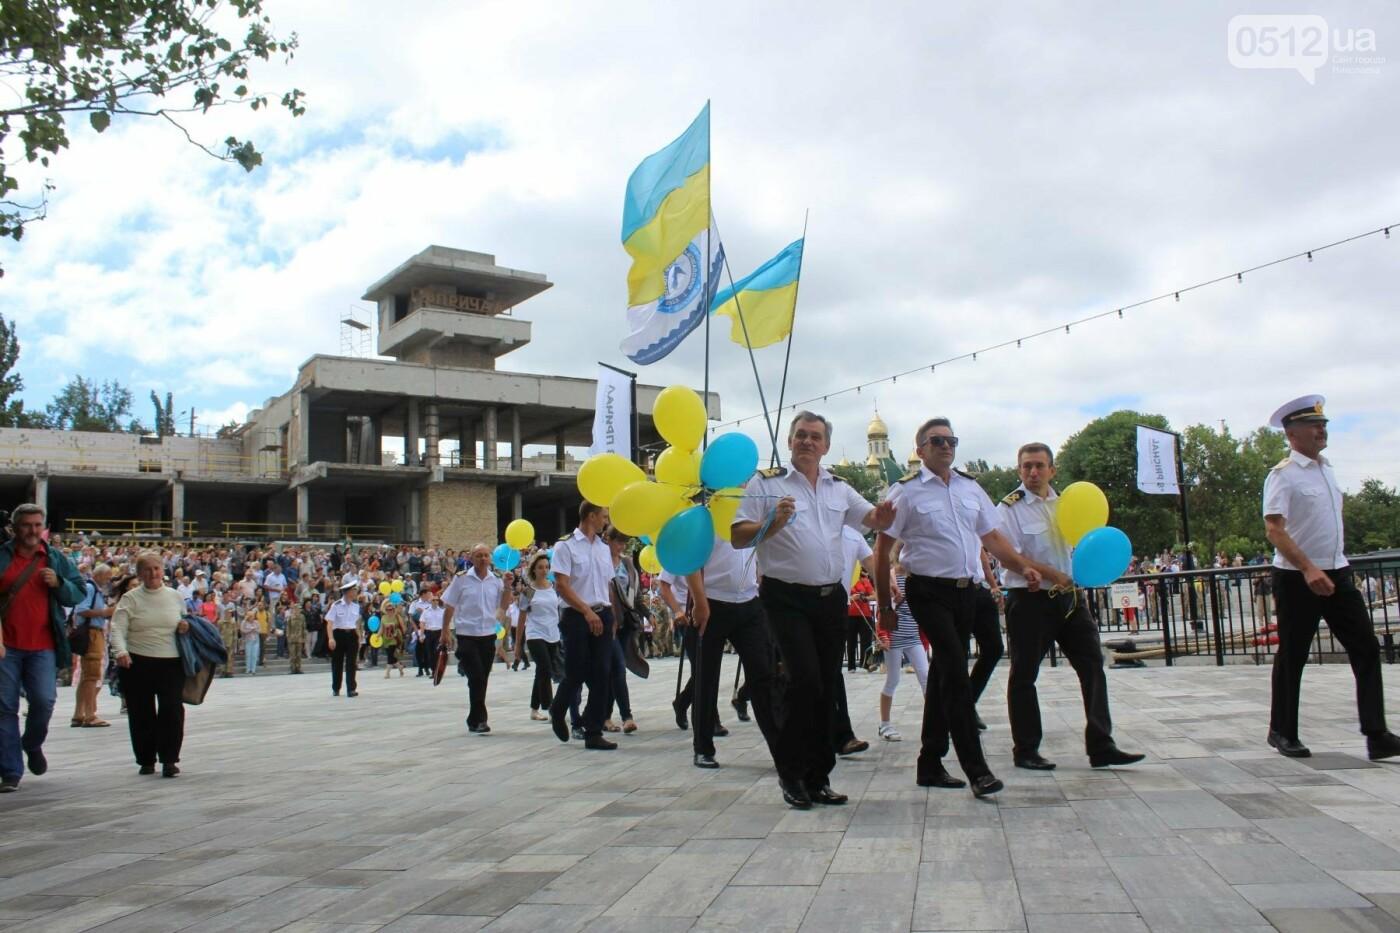 Полевая кухня, марш военных и выставка техники: как в Николаеве отмечали День ВМС Украины, фото-17